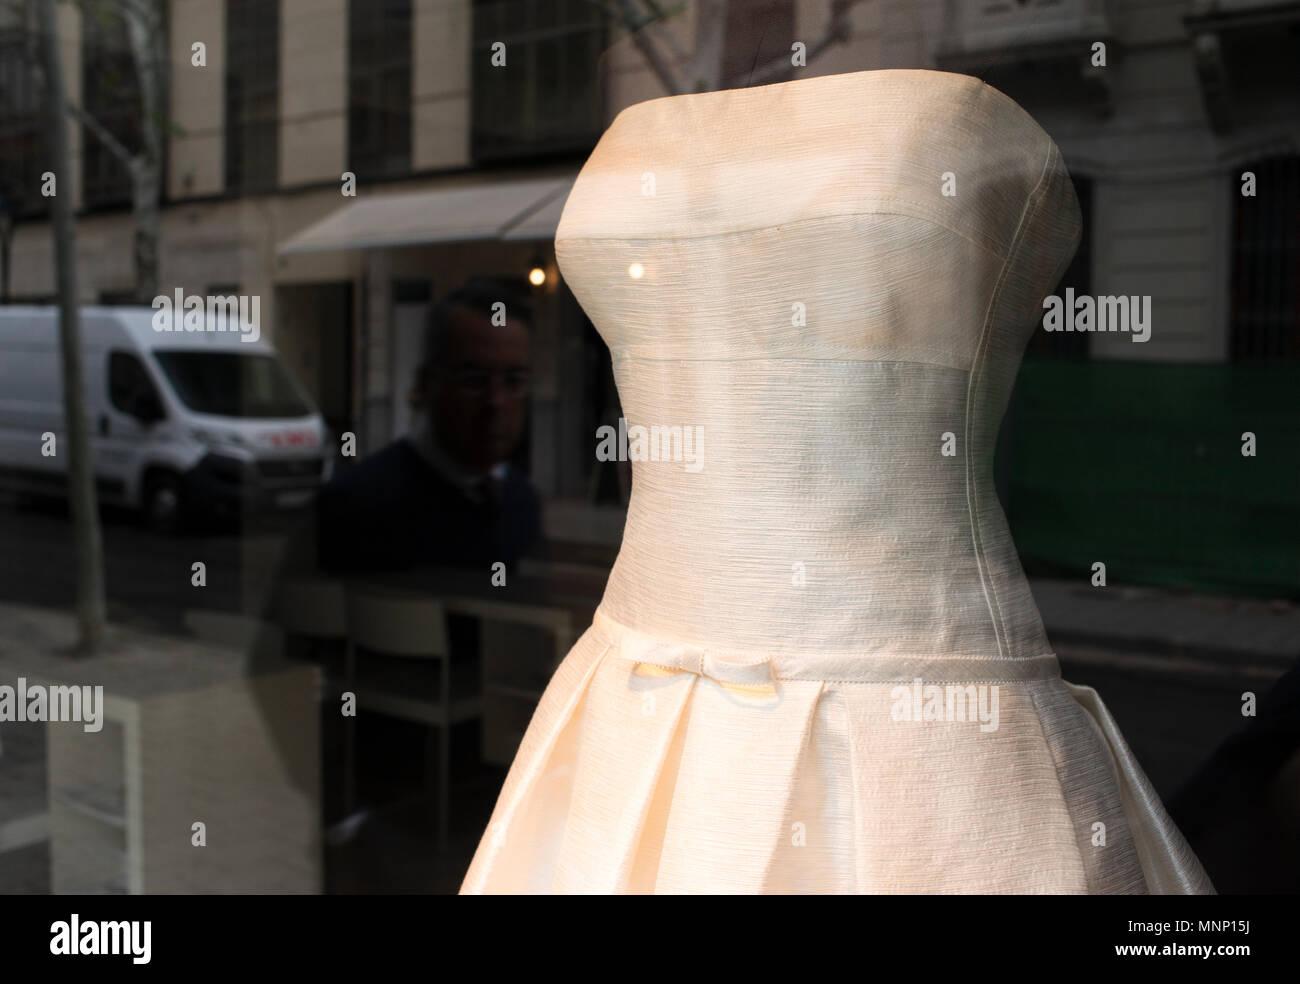 685508ef56f Boutique de mode femme mesdames fenêtre store mannquins à la mode des mannequins  portant robe de mariage.